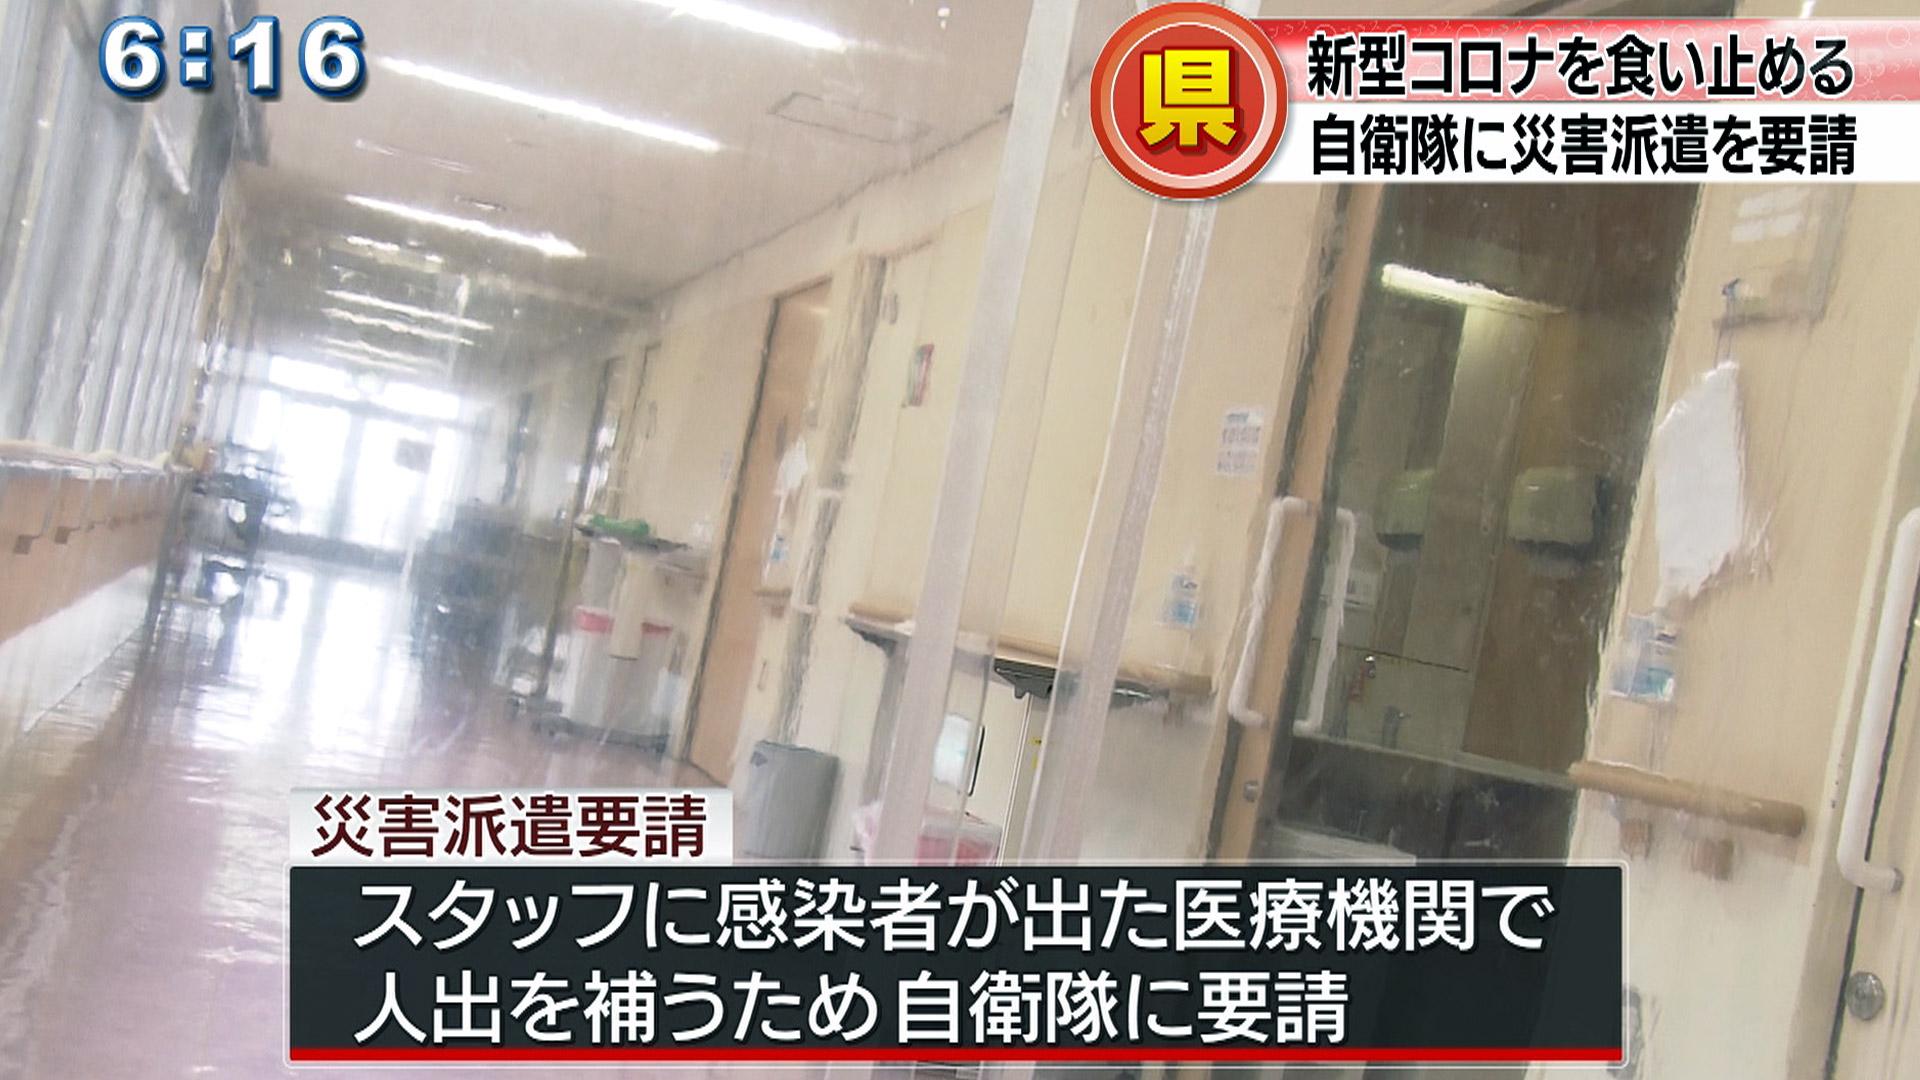 新たに33人感染 自衛隊に要請 鳥取から看護師も到着